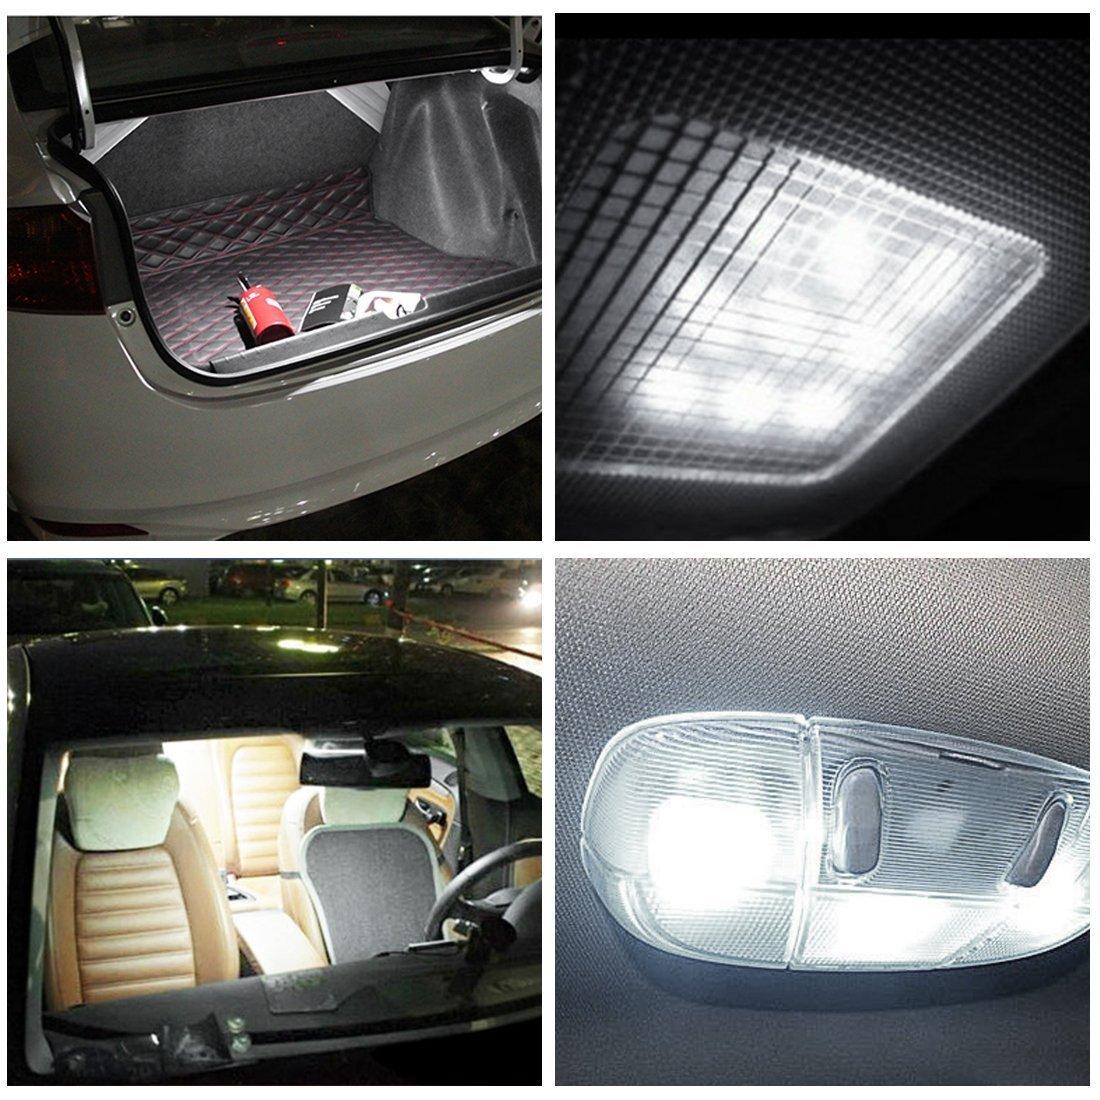 37 mm, 38 mm, 39 mm, 6 SMD, para interior de coche, domo, mapa, maletero, luz de matr/ícula, 6000 K, xen/ón blanco JSVSAL C5W 6413 6418 6411 Bombillas LED de interior y placa de matr/ícula